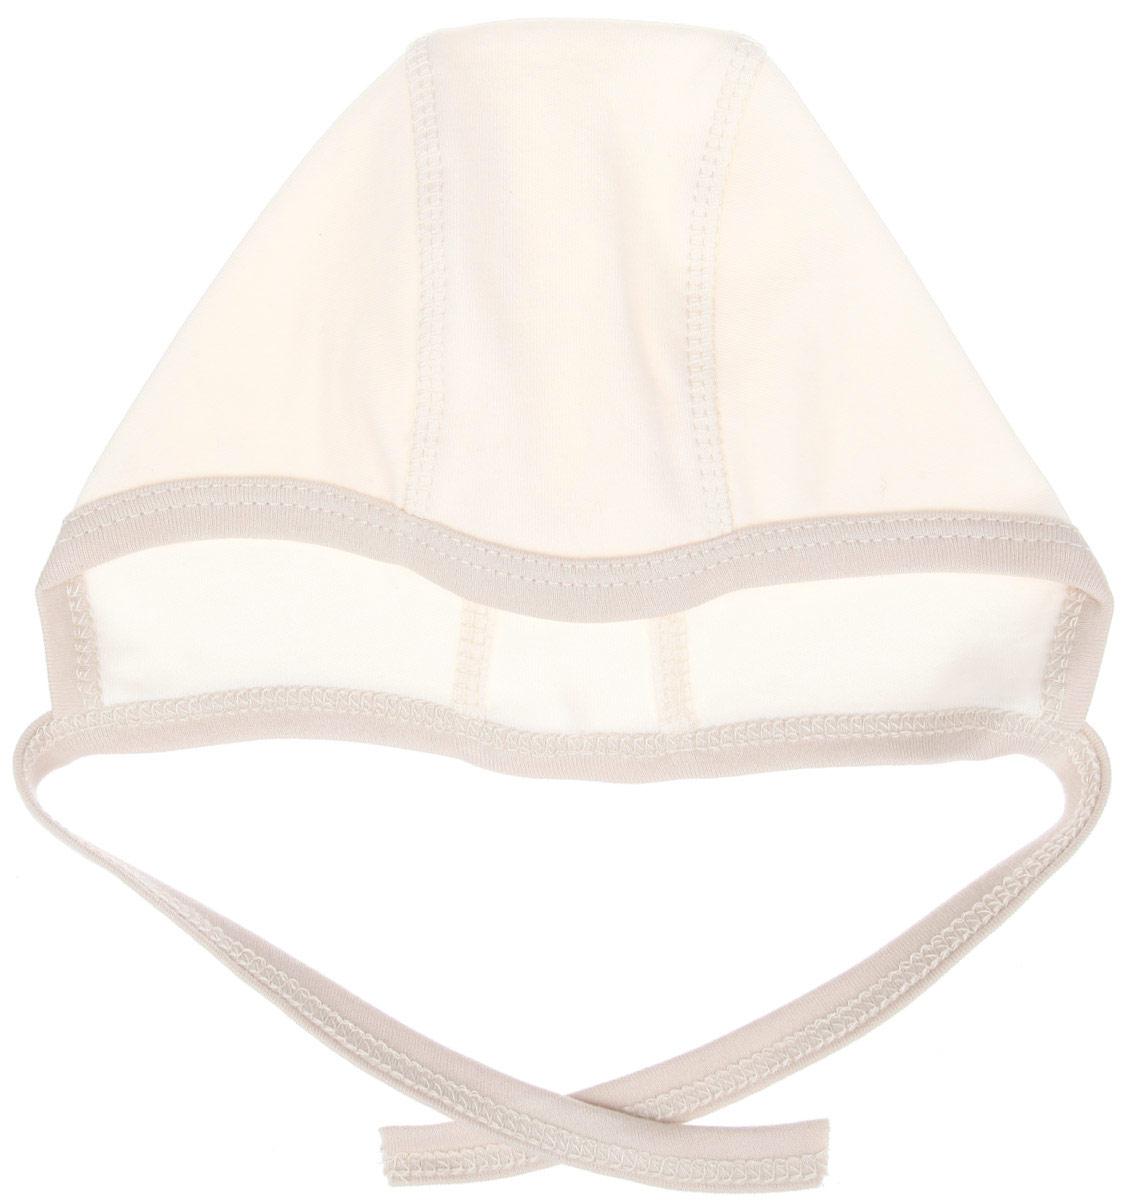 Чепчик06-0801рМягкий чепчик для девочки Linea Di Sette Моя любовь идеально подойдет вашей малышке. Изделие изготовлено из органического хлопка, ткани из которого не вредят нежной коже малыша, а также их производство безопасно для окружающей среды. Органический хлопок очень мягкий, отлично пропускает воздух, обеспечивая максимальный комфорт. Плоские швы изделия приятны для младенца. Модель по краю оформлена трикотажной бейкой. С помощью завязок можно регулировать обхват головы и шеи. Чепчик необходим любому младенцу, он защищает еще не заросший родничок, щадит чувствительный слух малыша, прикрывая ушки, а также предохраняет от теплопотерь.